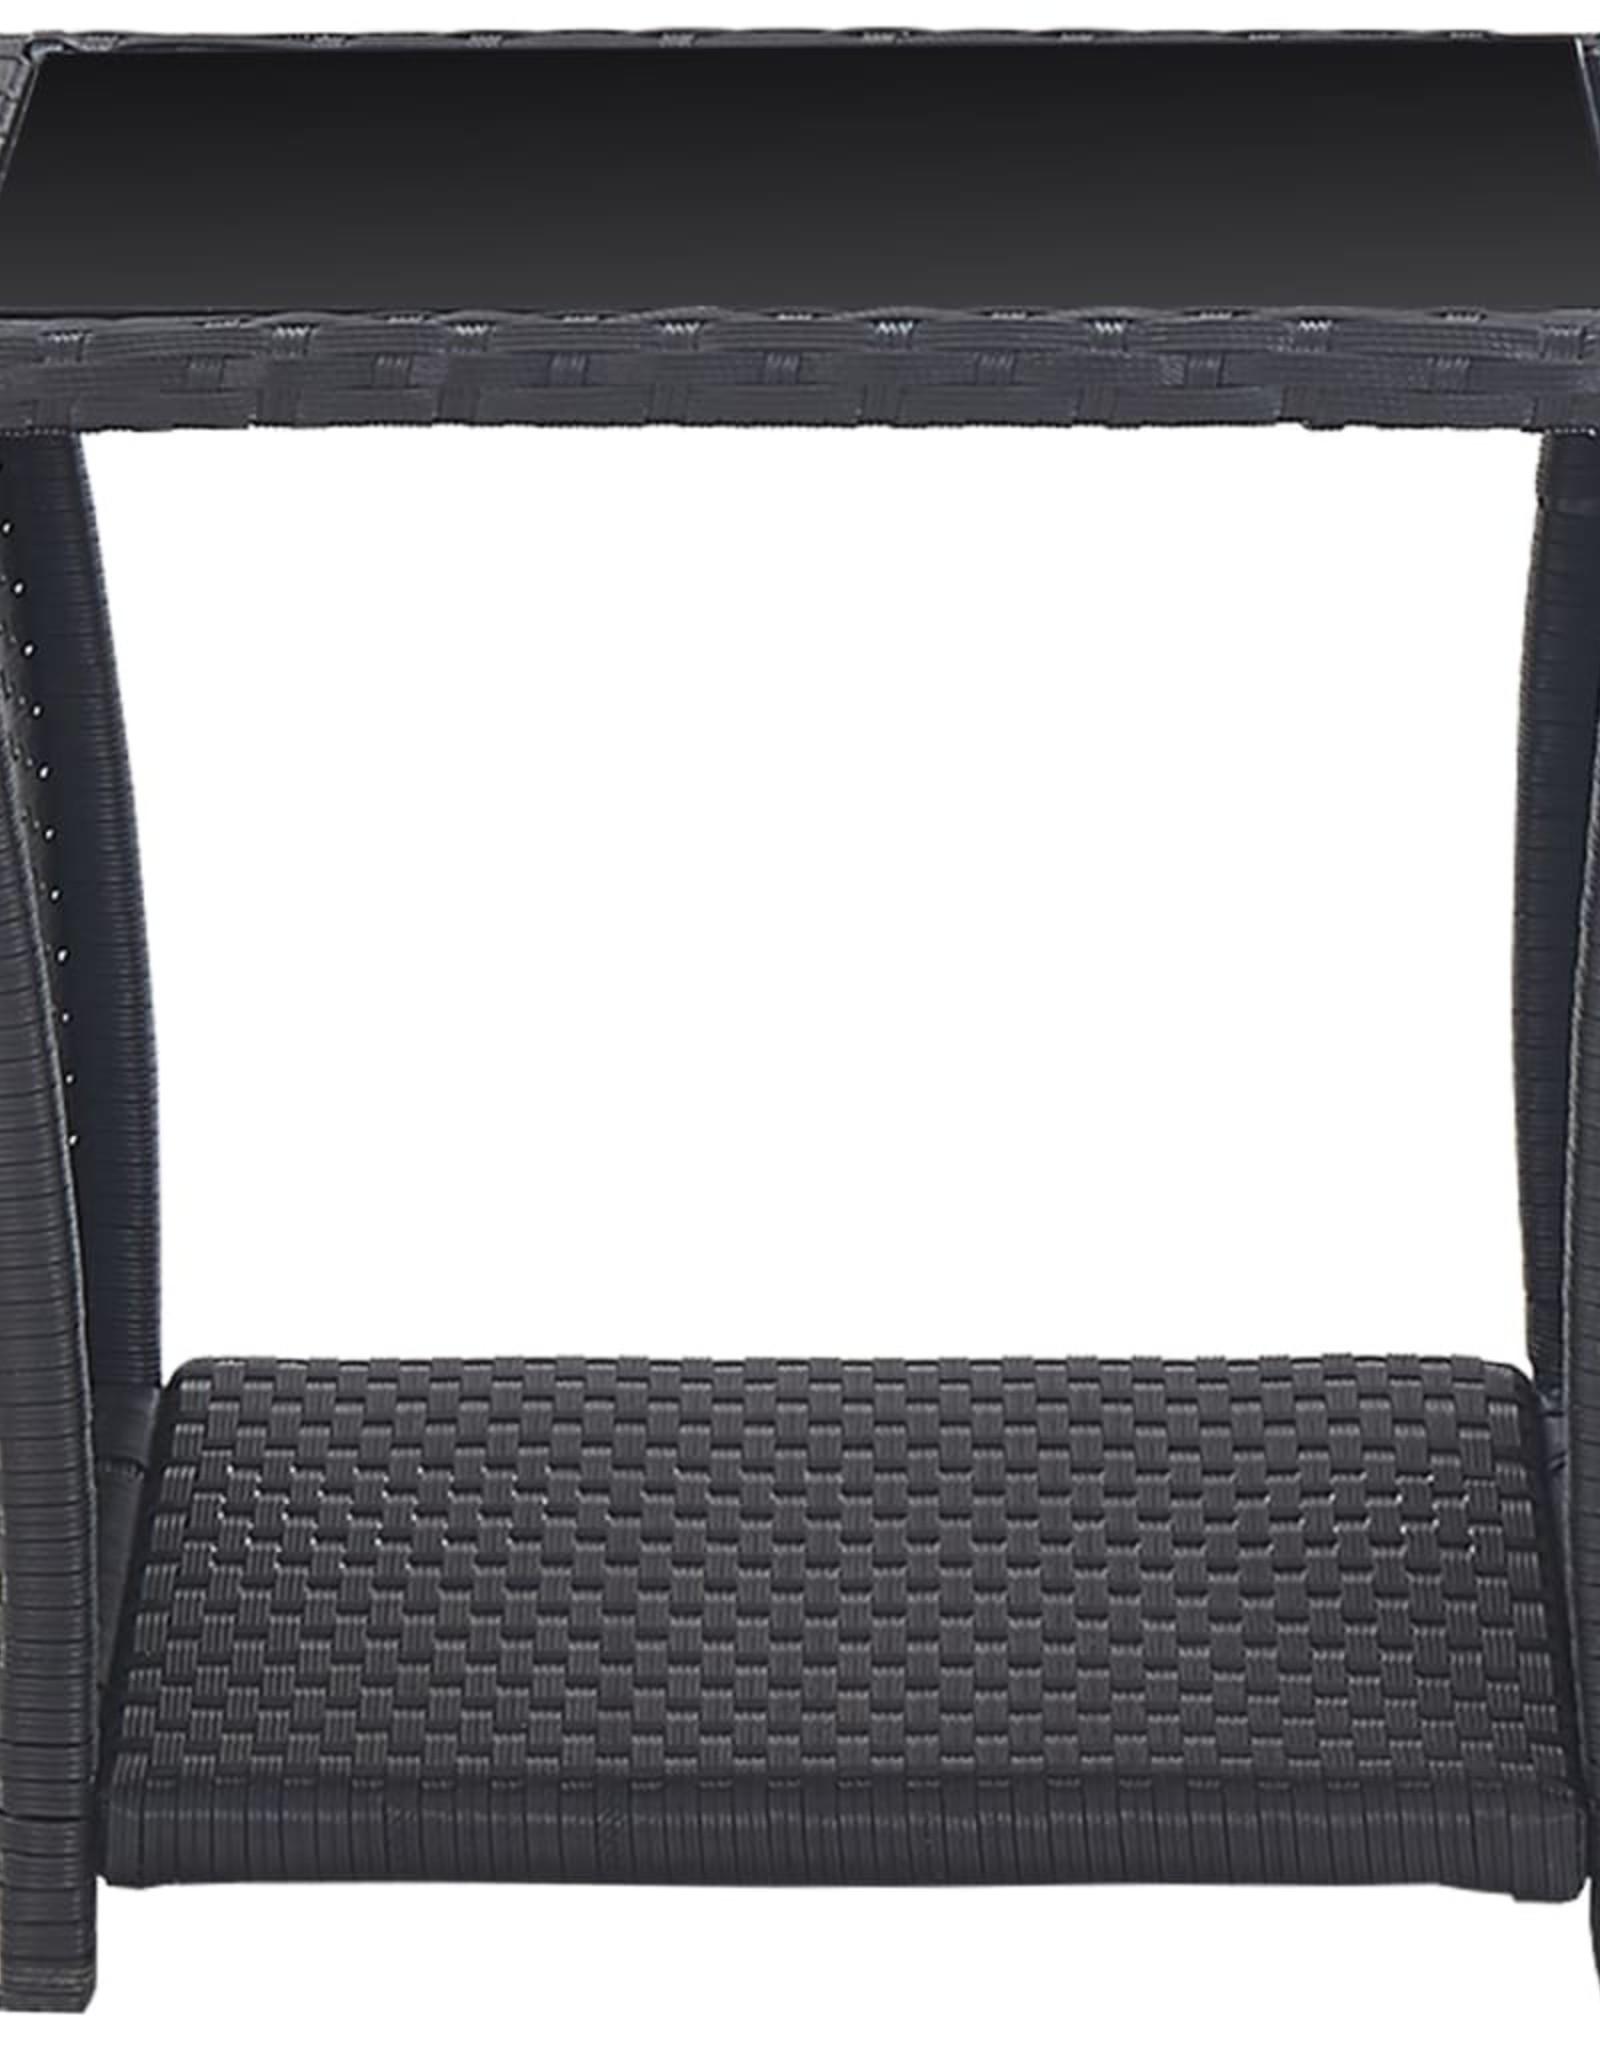 vidaXL 3-delige Bistroset met kussens poly rattan zwart